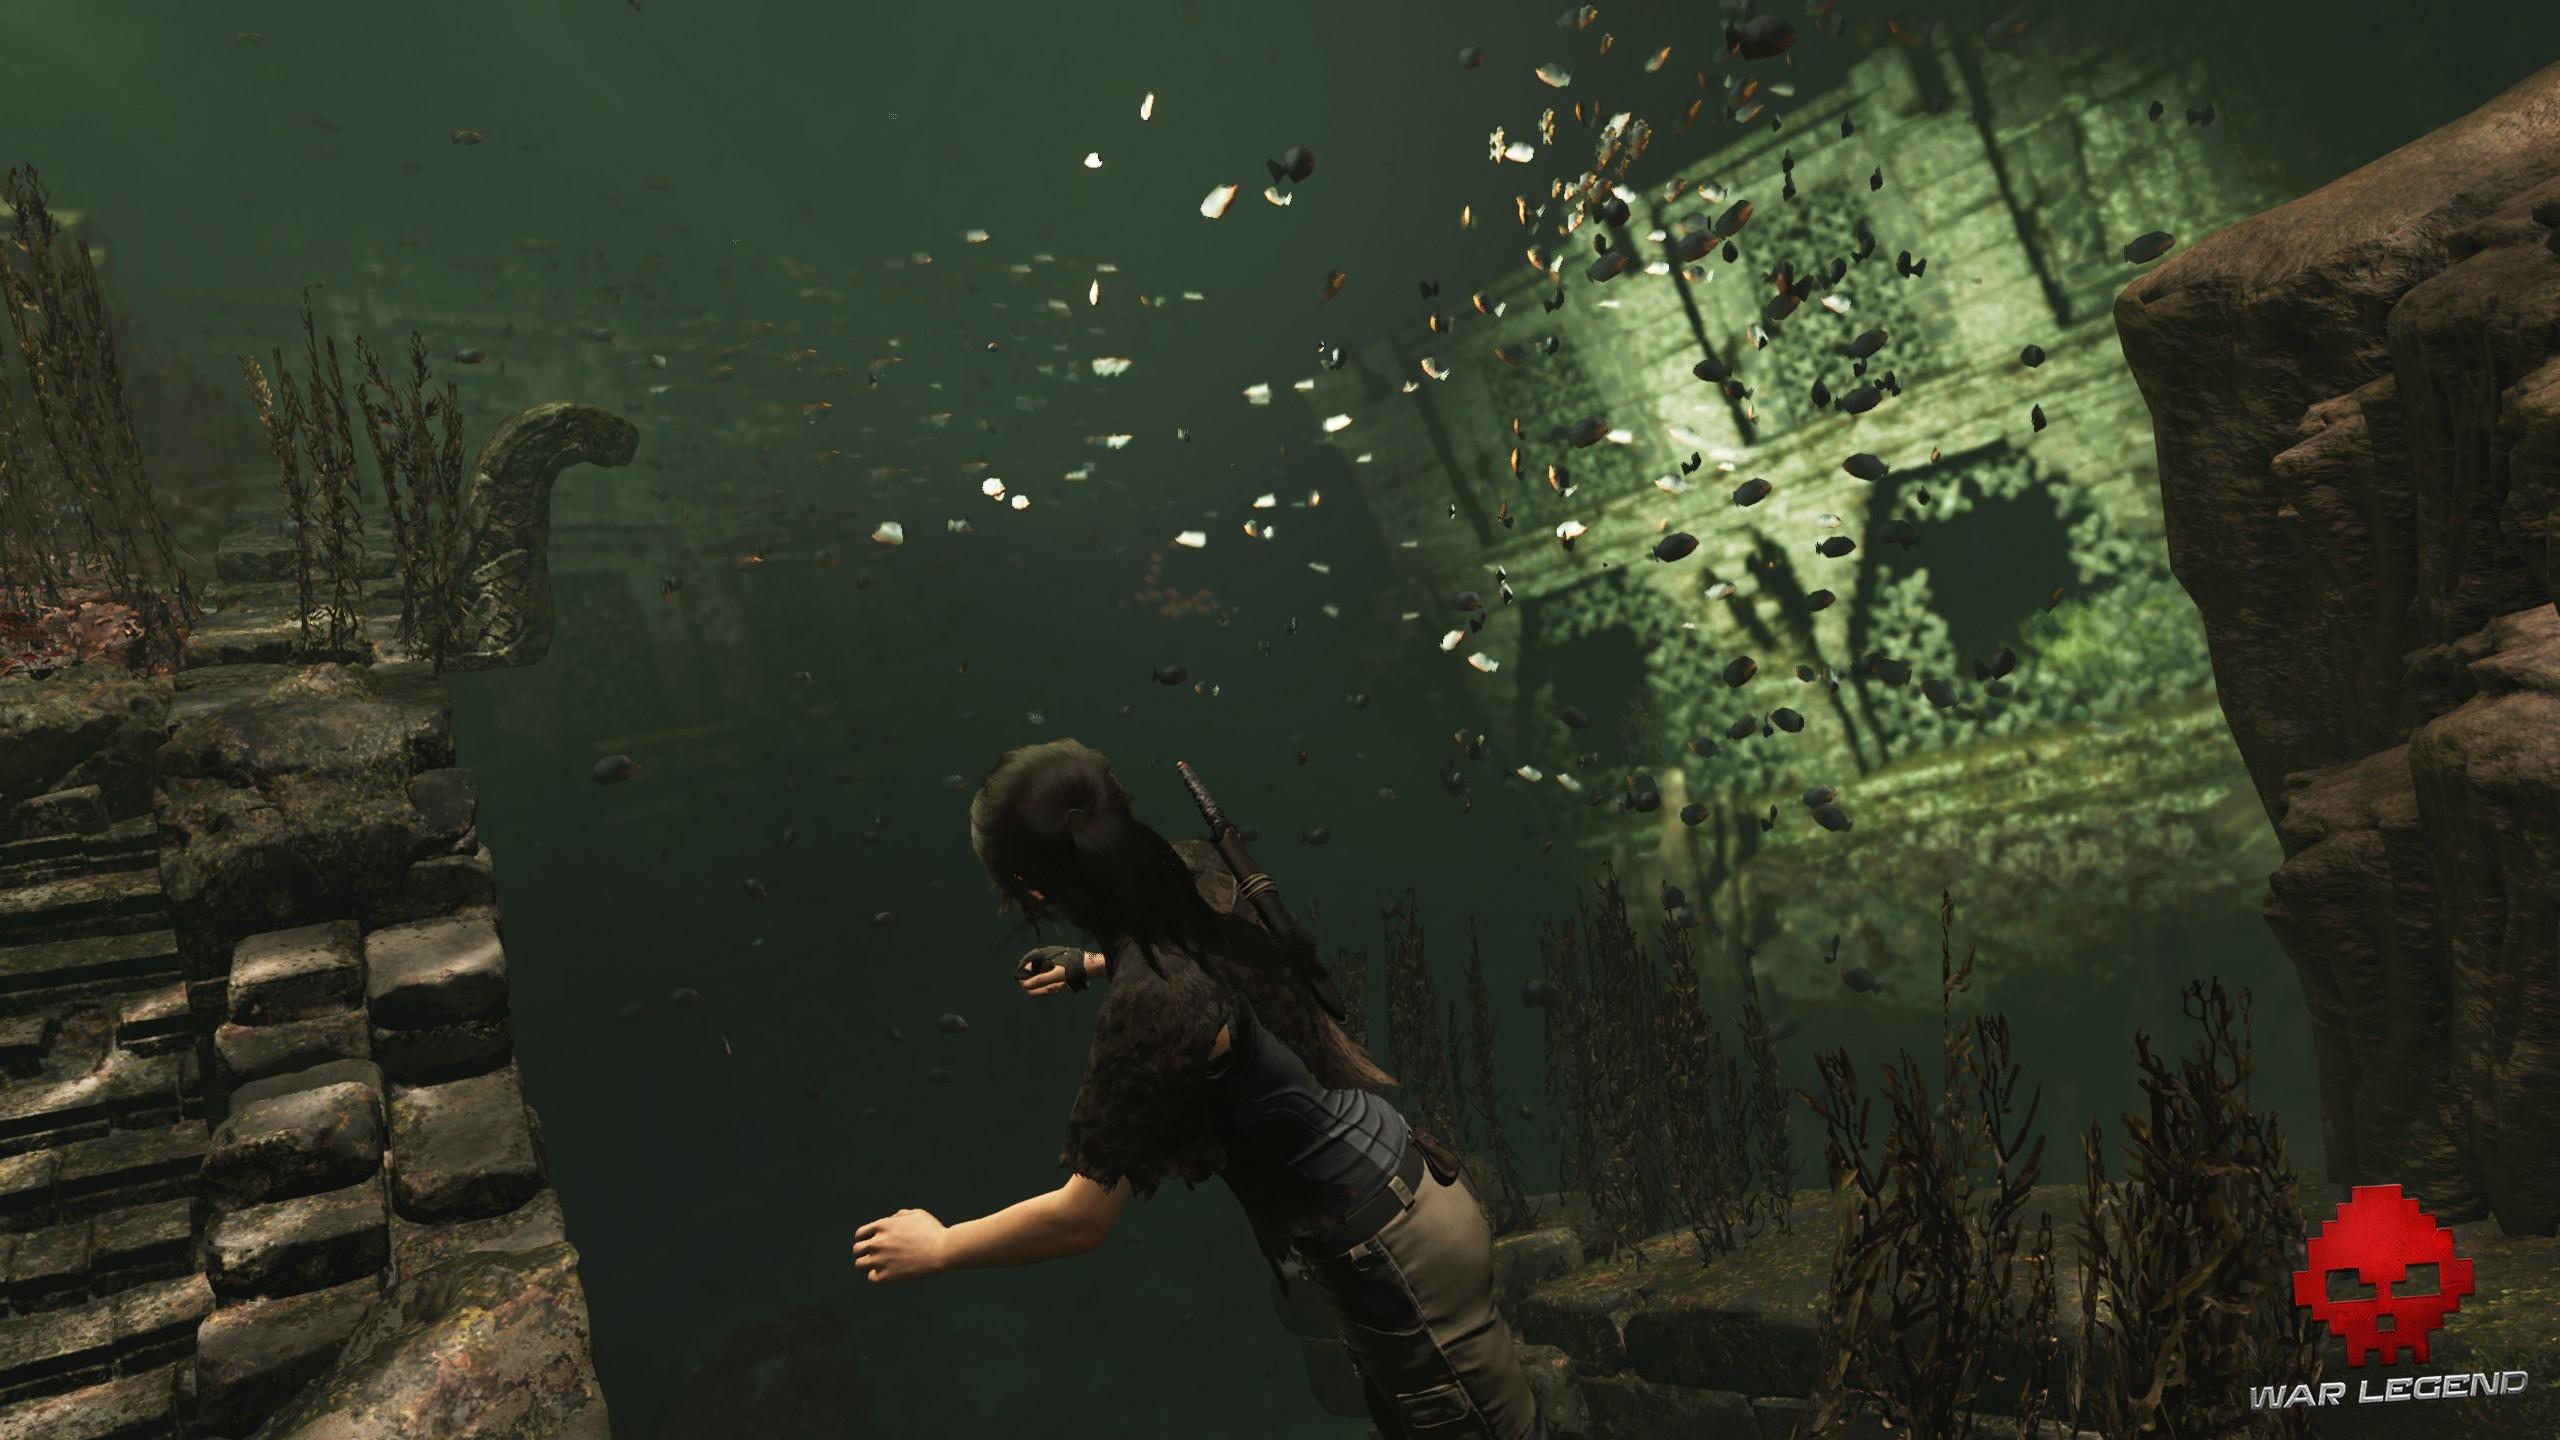 Lara nage dans une caverne innondée